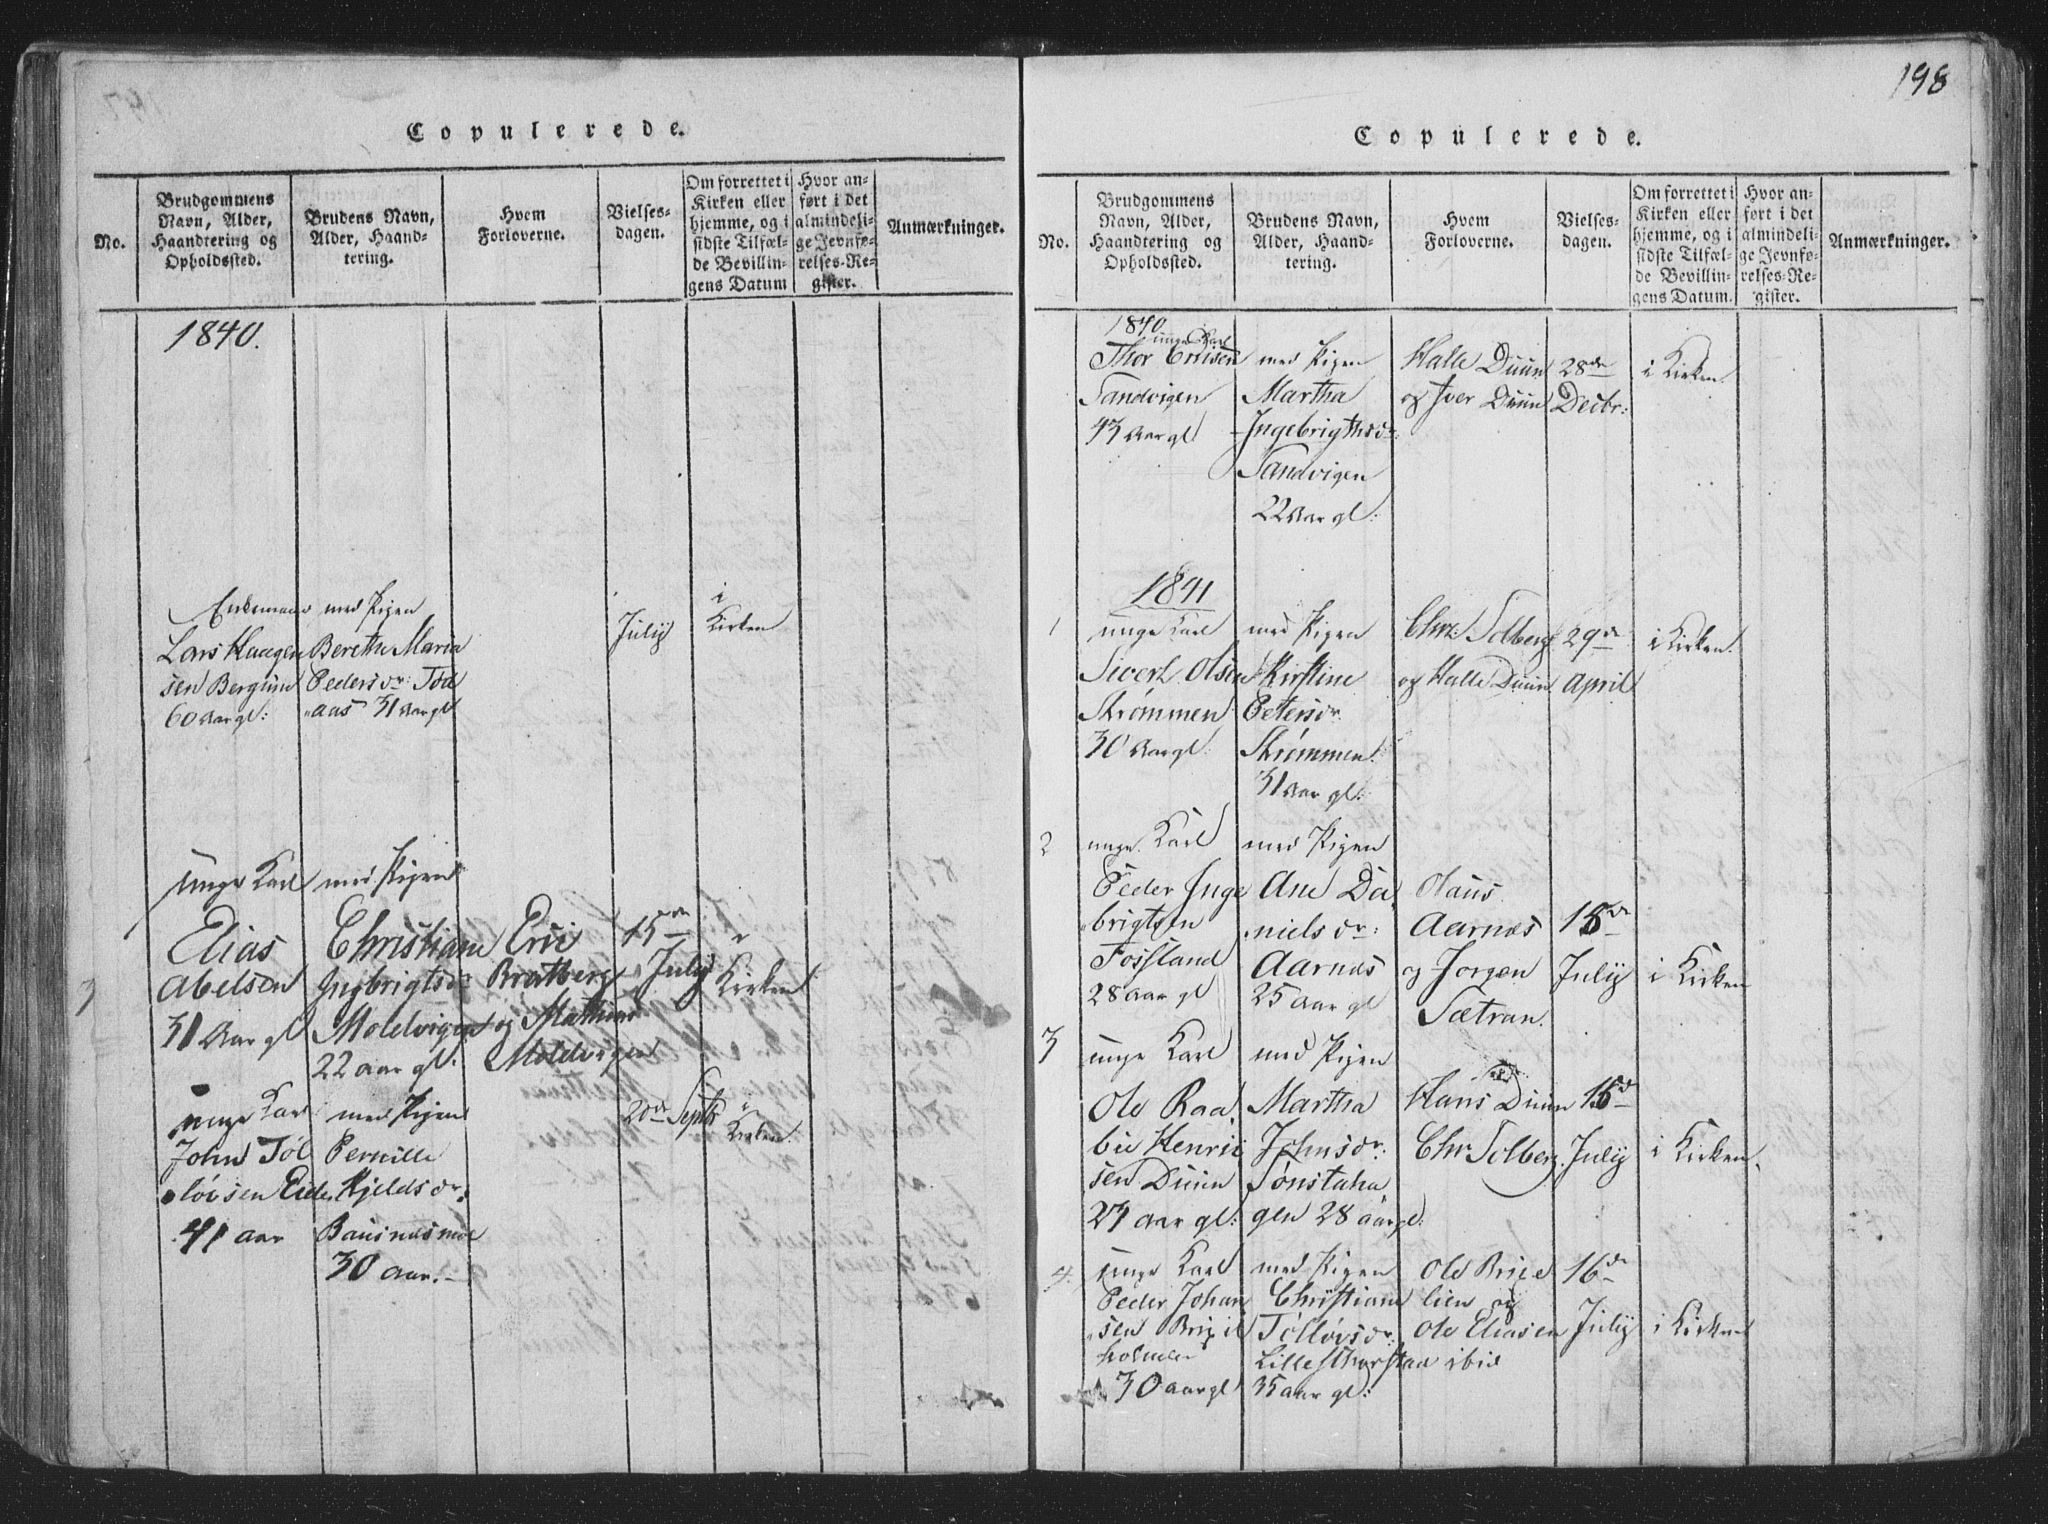 SAT, Ministerialprotokoller, klokkerbøker og fødselsregistre - Nord-Trøndelag, 773/L0613: Ministerialbok nr. 773A04, 1815-1845, s. 198